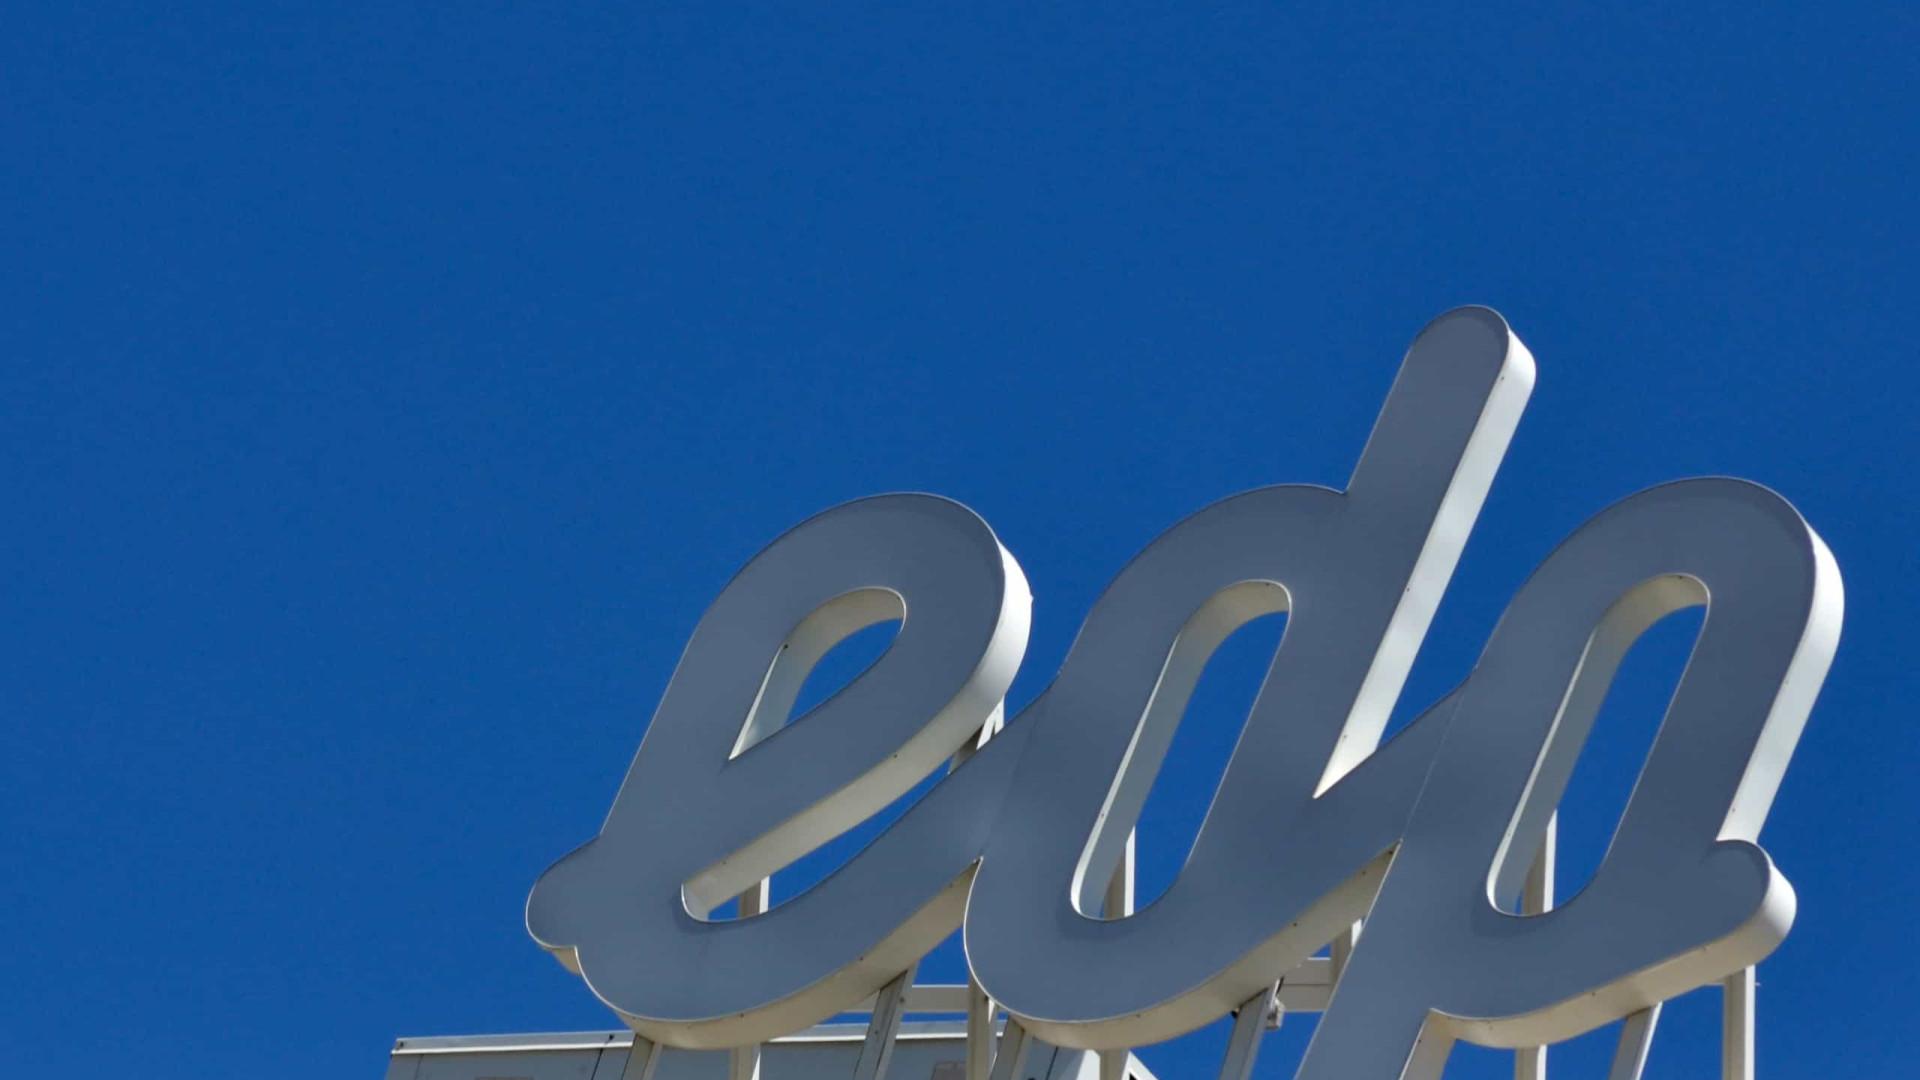 Lucros da EDP caem 5% no primeiro semestre para 450 milhões de euros